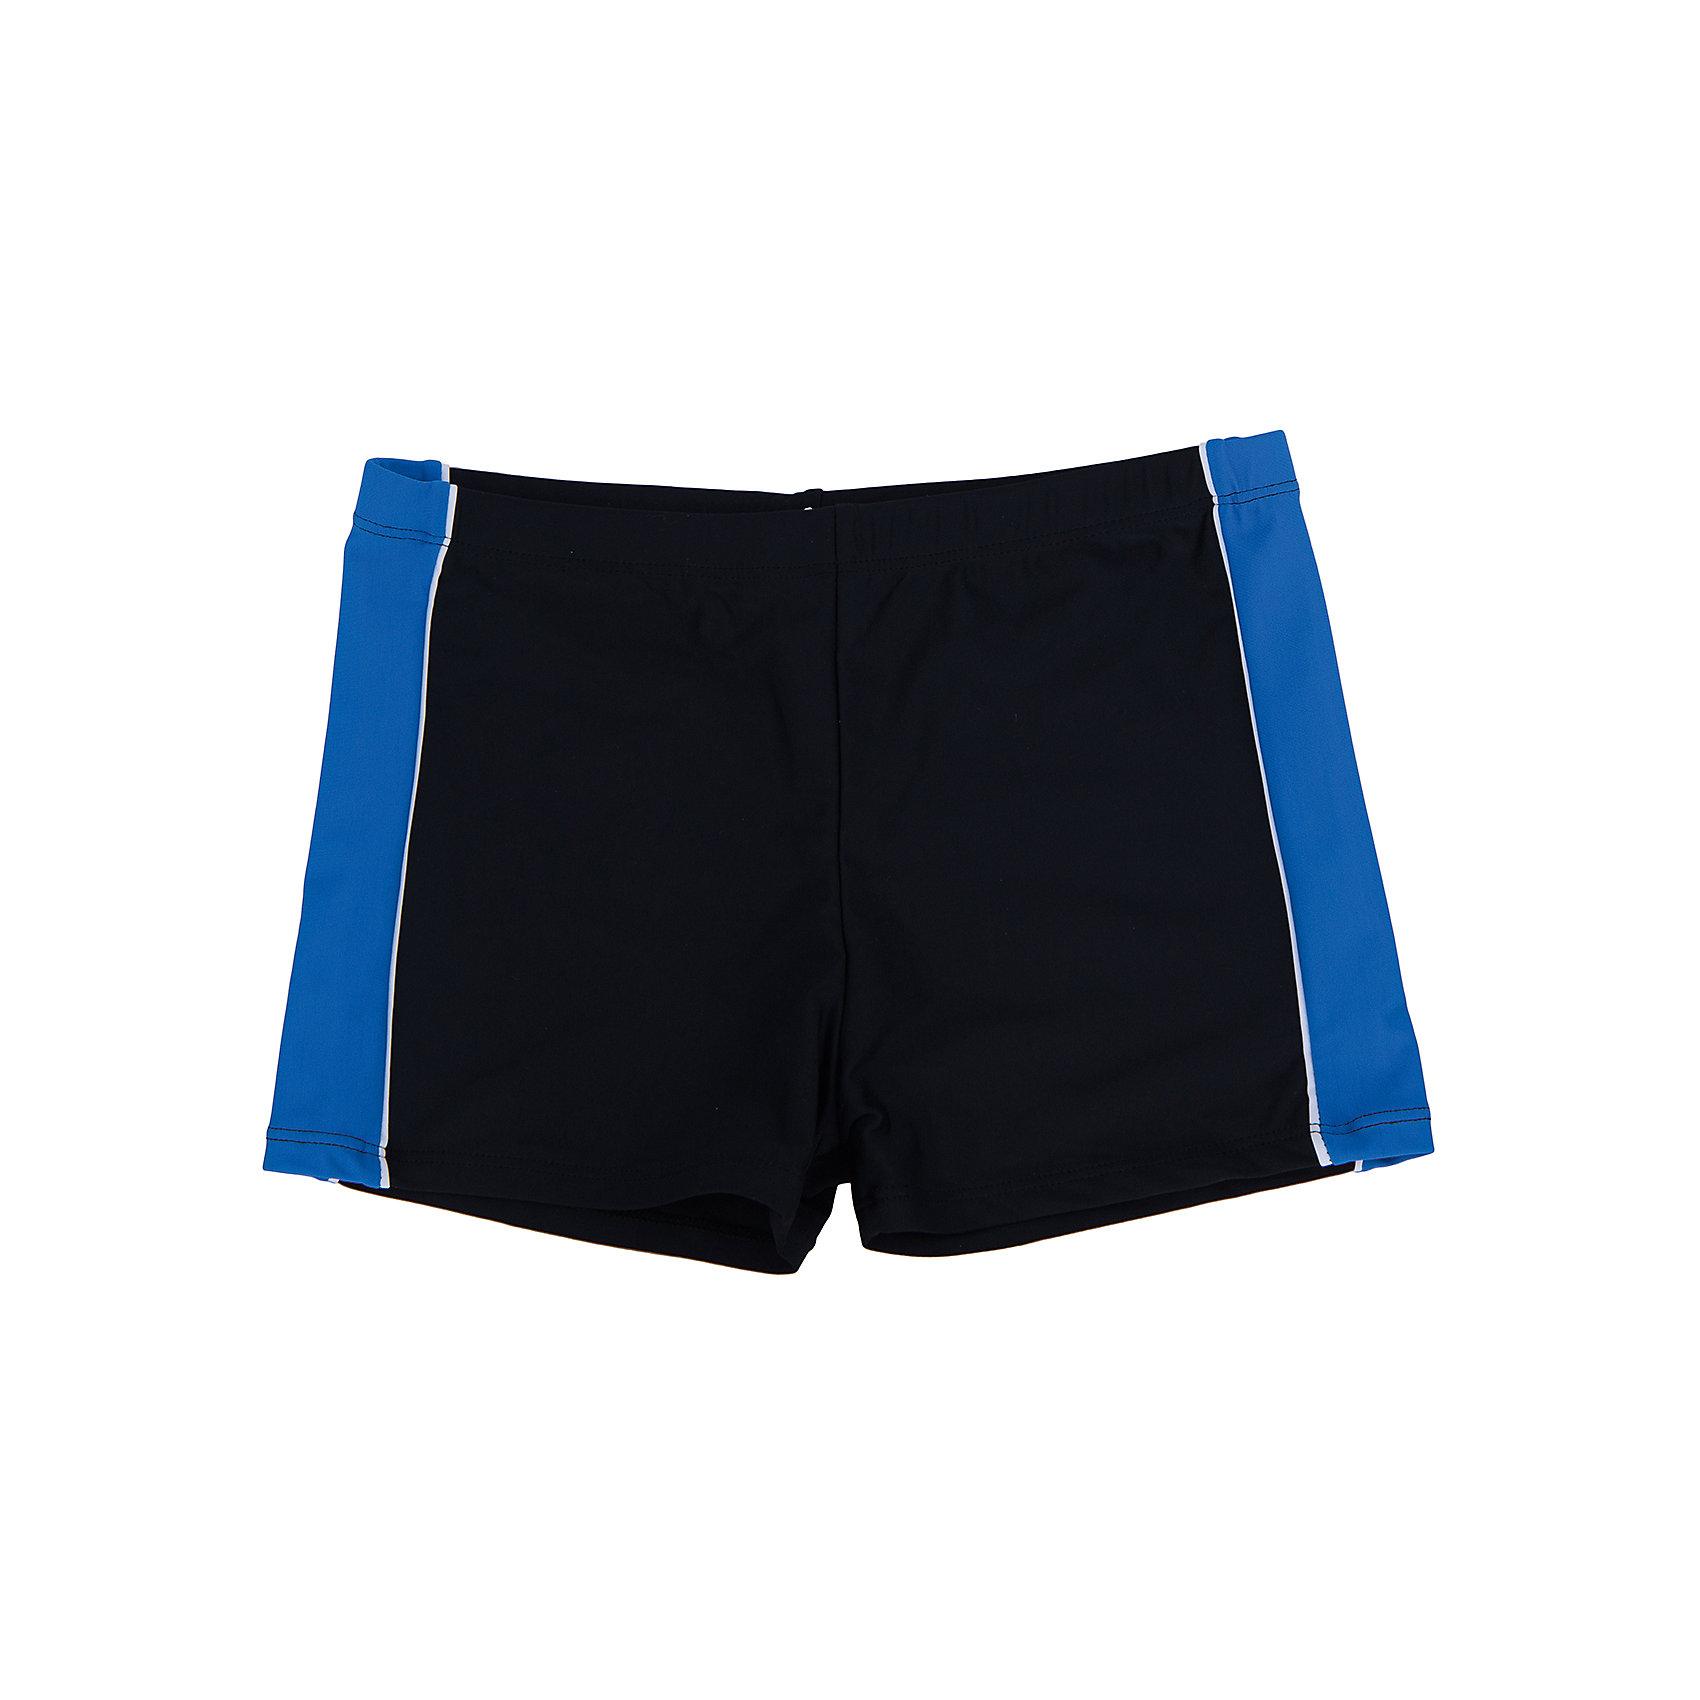 Плавки для мальчика SELAСтильные плавки для мальчика от популярного бренда SELA. Изделие предназначено для кратковременного использования в бассейне либо на пляже и обладает следующими особенностями:<br>- эффектная расцветка;<br>- модель боксеры;<br>- эластичный материал гарантирует отличную посадку по фигуре и свободу движений, а также быстро сохнет и устойчив к агрессивным внешним воздействиям (ультрафиолет, песок, галька, соль, хлор и т.п.).<br>Великолепный выбор для юного покорителя водной стихии!<br><br>Дополнительная информация:<br>- состав: 82% нейлон, 18% эластан<br>- цвет: синий + серый<br>- модель: боксеры<br><br>Плавки для мальчика SELA можно купить в нашем магазине<br><br>Ширина мм: 183<br>Глубина мм: 60<br>Высота мм: 135<br>Вес г: 119<br>Цвет: серый<br>Возраст от месяцев: 84<br>Возраст до месяцев: 96<br>Пол: Мужской<br>Возраст: Детский<br>Размер: 128,152,140,116,104,92<br>SKU: 4741029